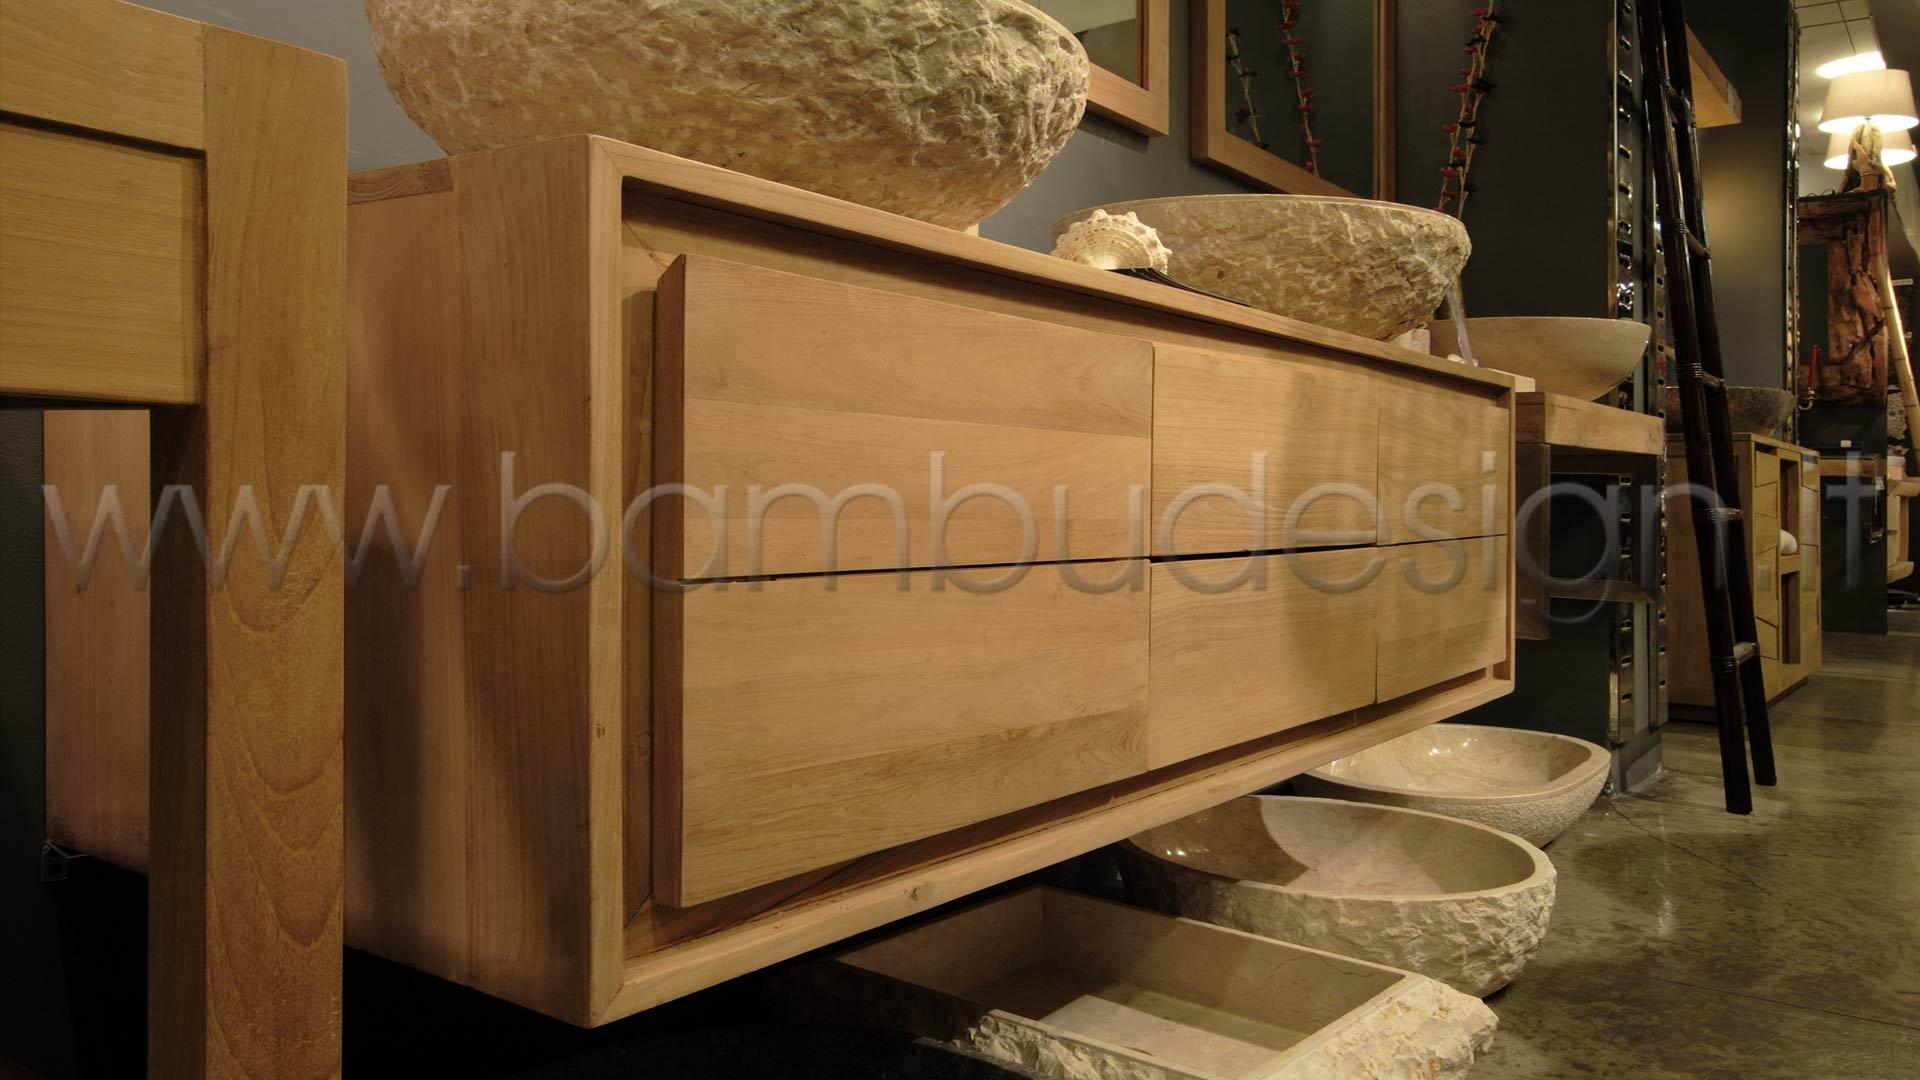 Mobili bagno bambu free mobile bagno sospeso bagno minimal legno e bambu nuovi mondi cucine a - Mobili in bamboo ...